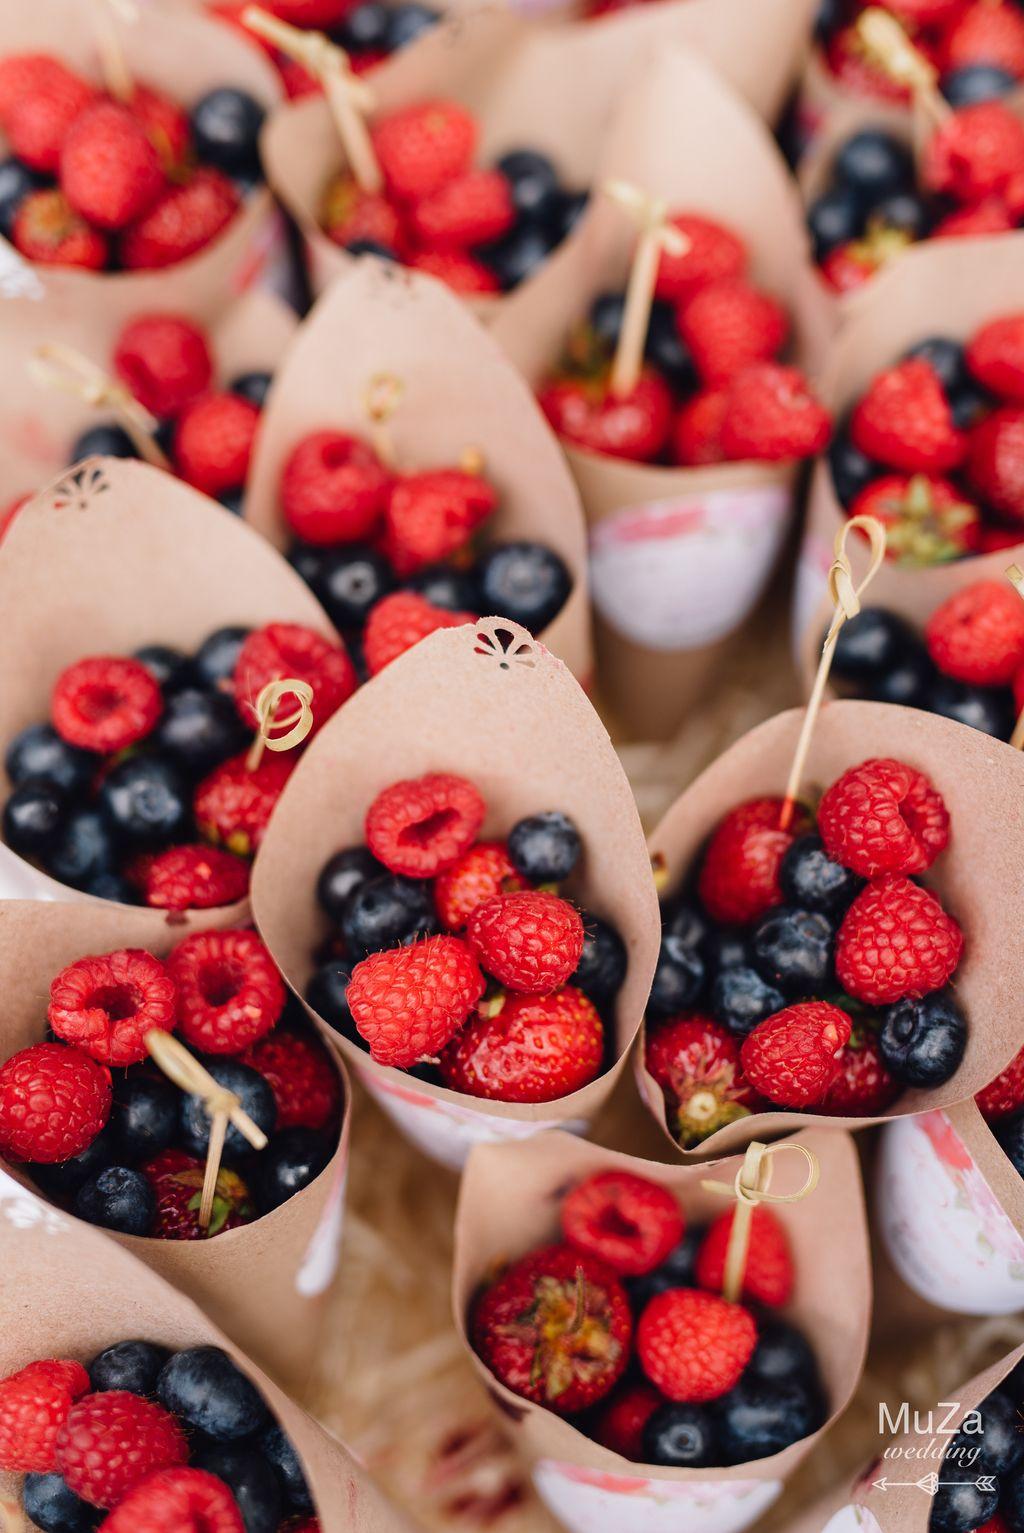 кенди-бар на свадьбе, ягоды